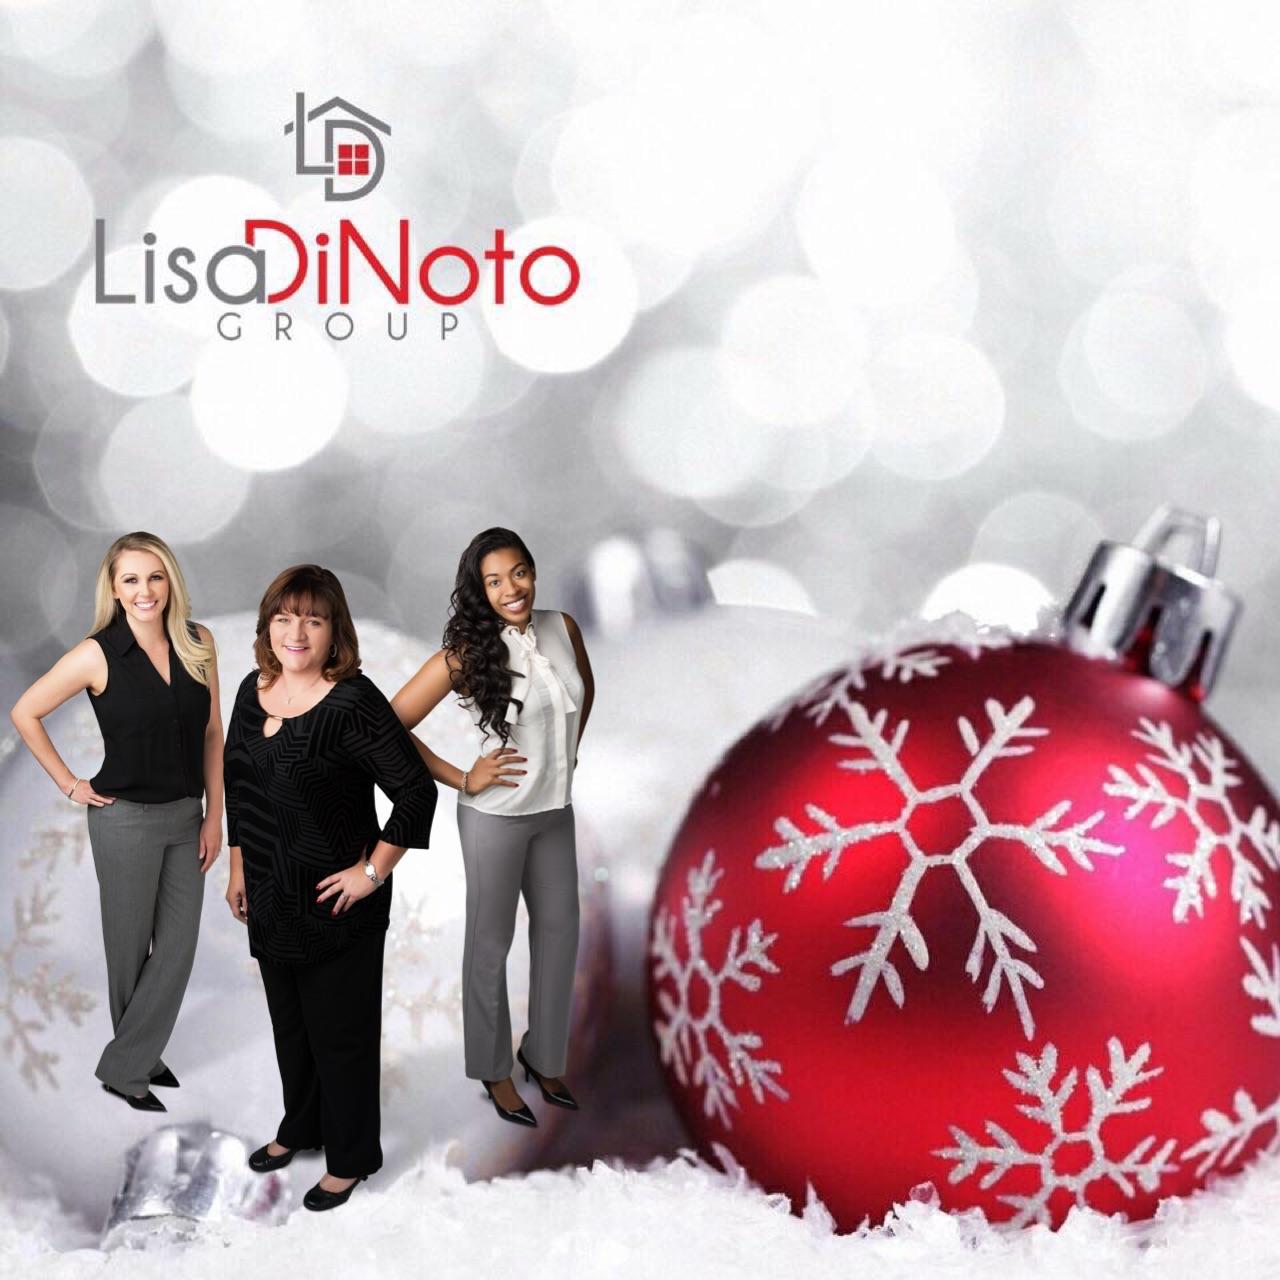 Lisa DiNoto Group Rancho Cucamonga